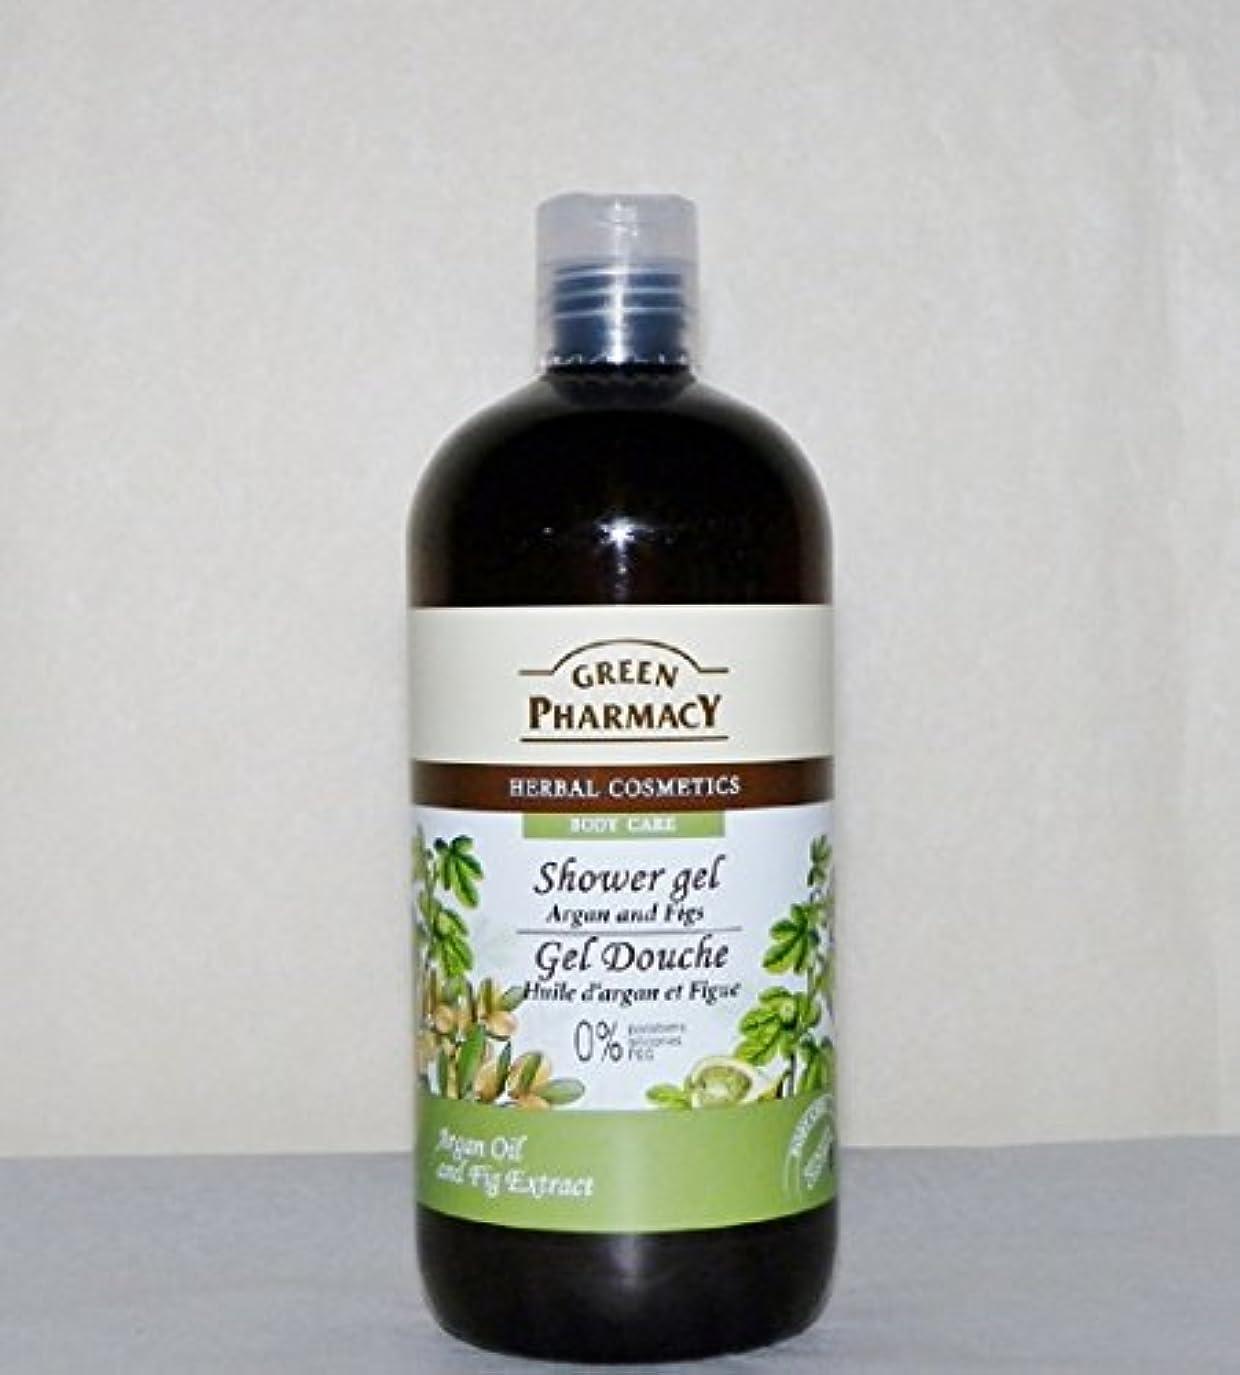 ベアリング簿記係パフElfa Pharm Green Pharmacy グリーンファーマシー Shower Gel シャワージェル Argan Oil&Figs